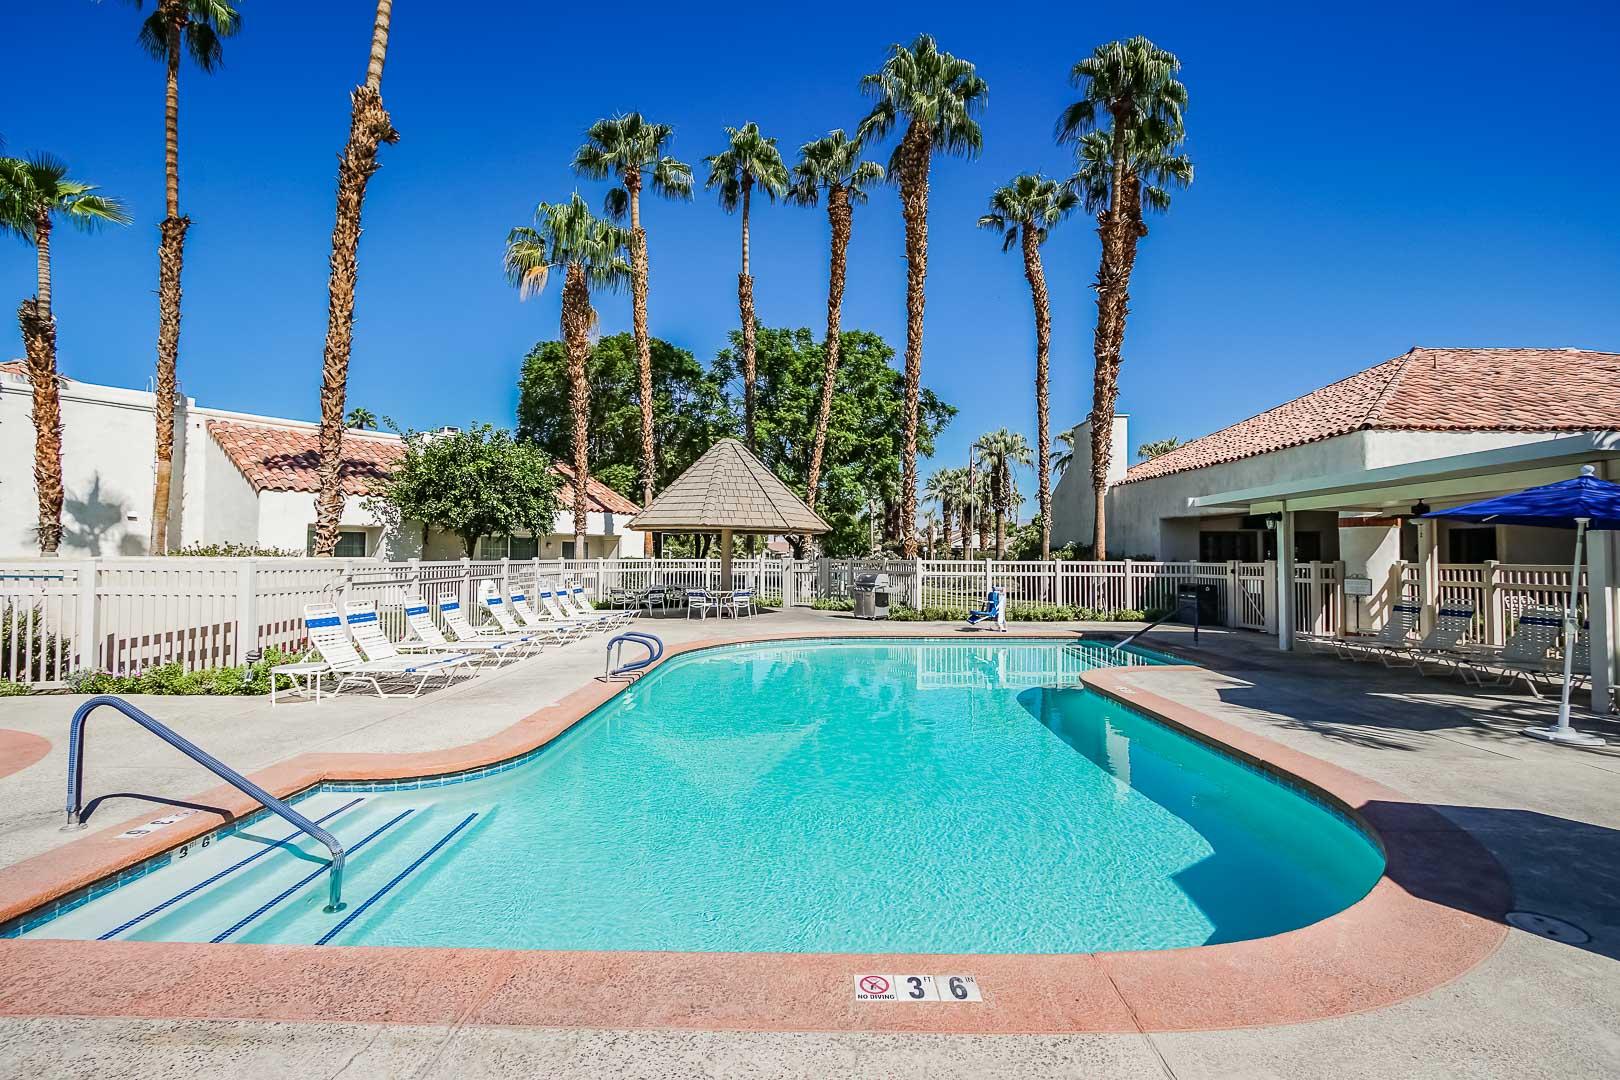 A crisp pool at VRI Americas' Desert Breezes Resort in California